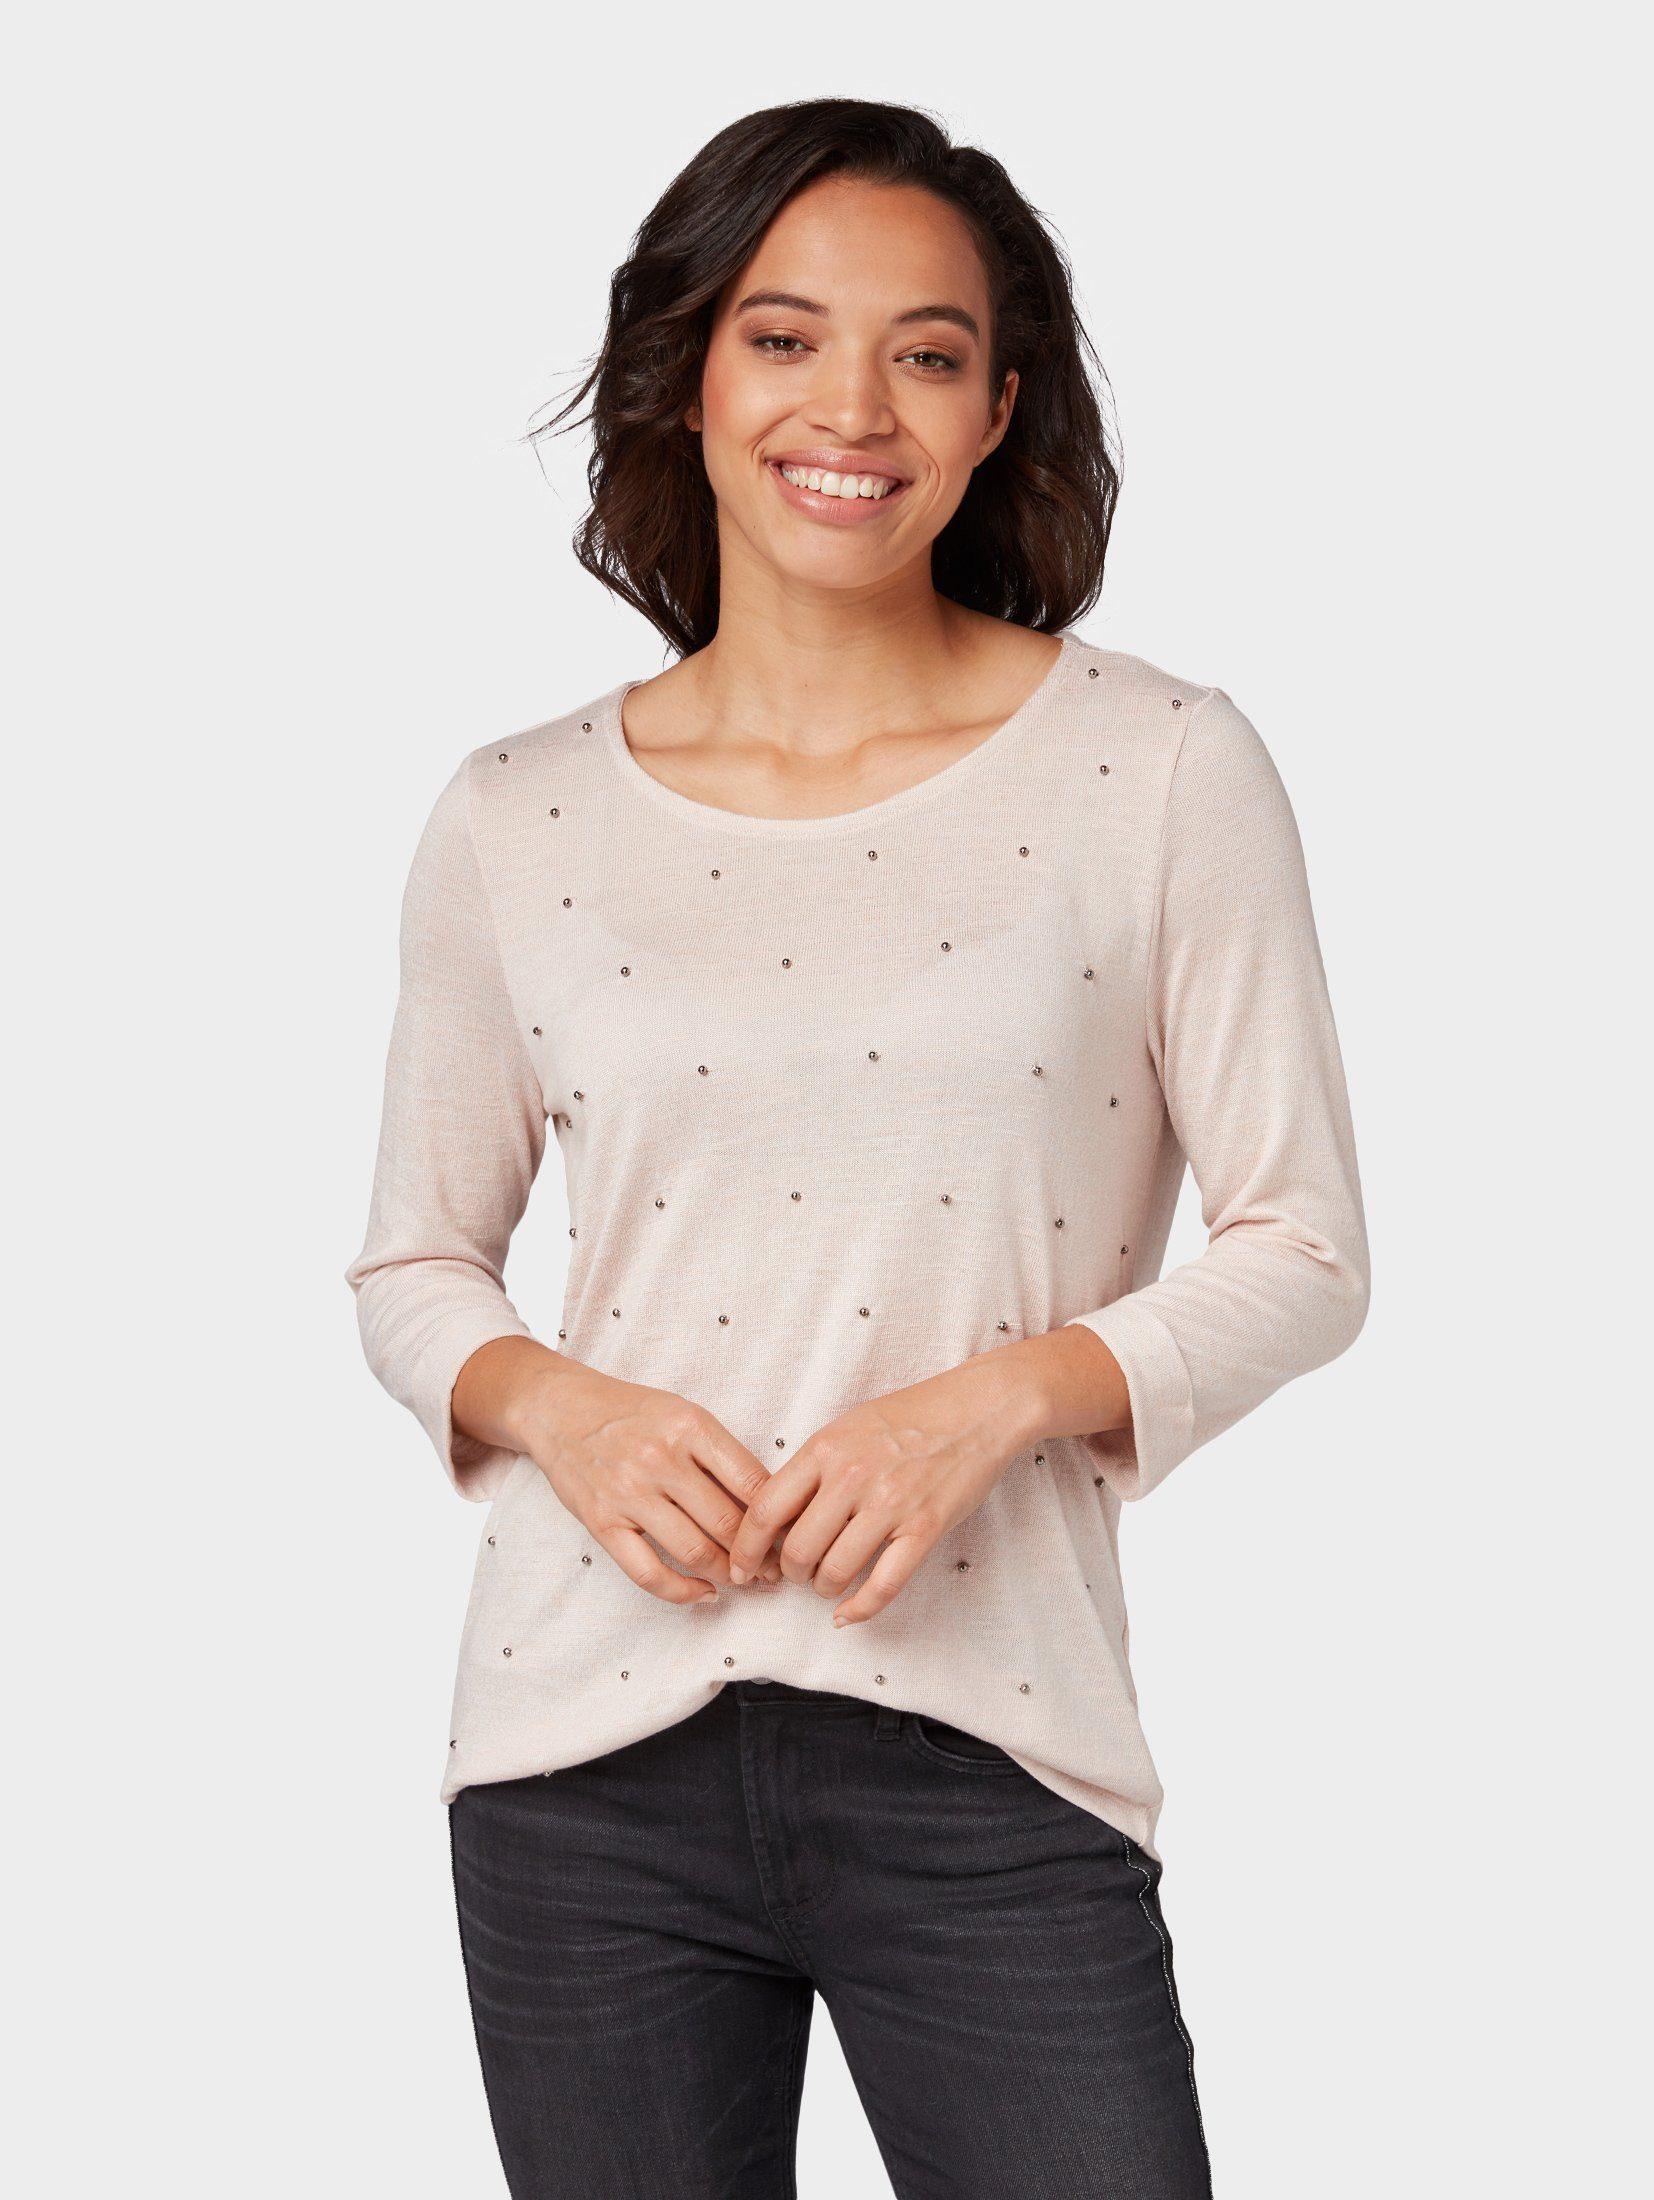 TOM TAILOR 3/4-Arm-Shirt »Sweatshirt mit Perlen«